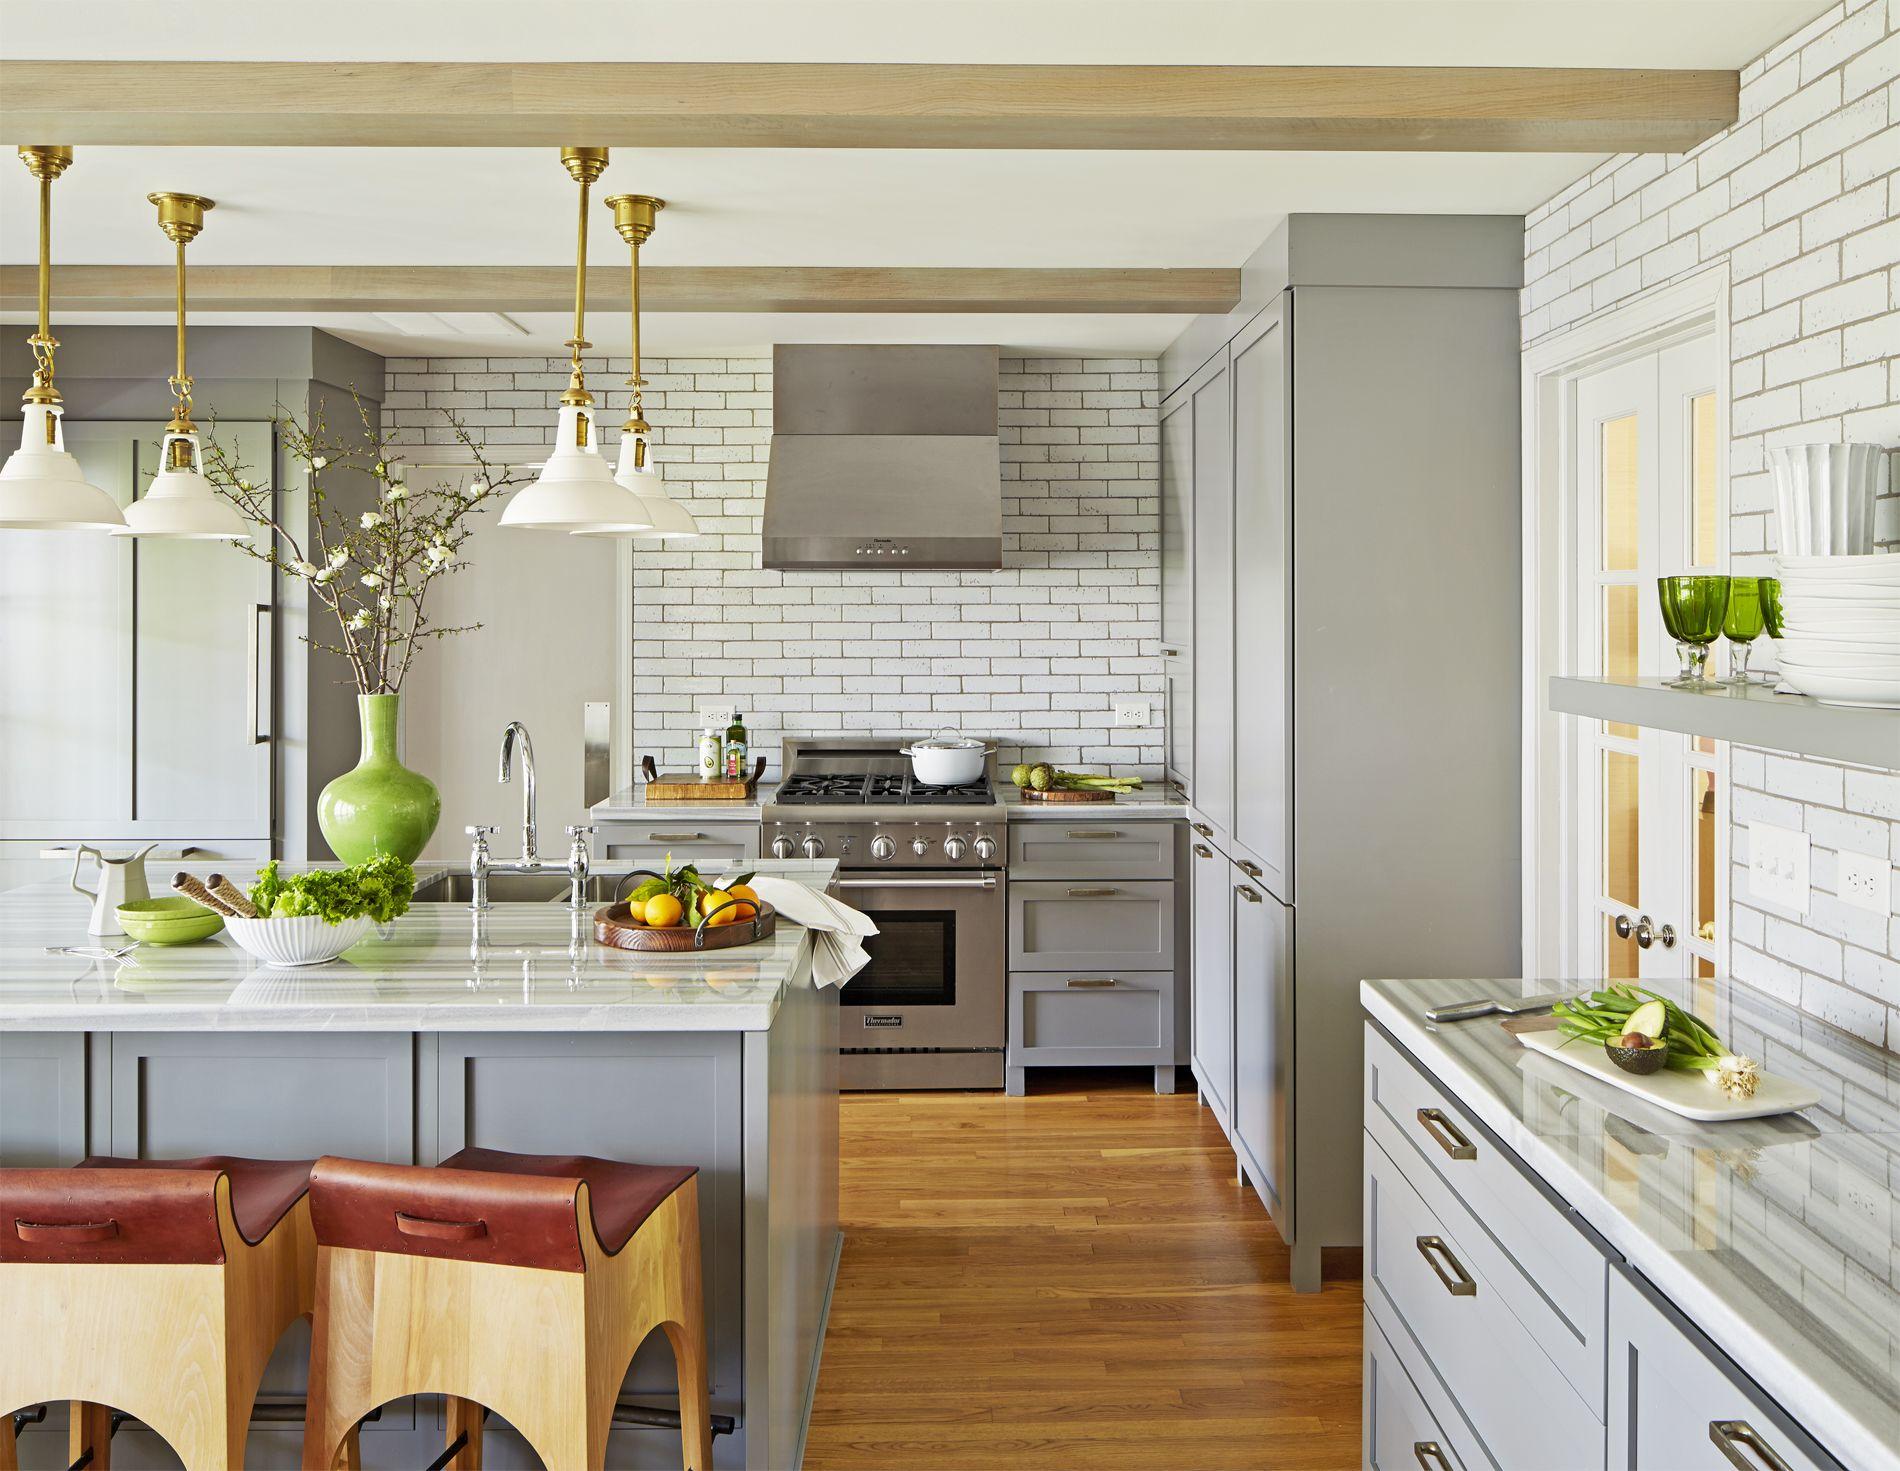 latest kitchen designs faucet kohler cabinets hood backsplash kitchendesign home in 2019